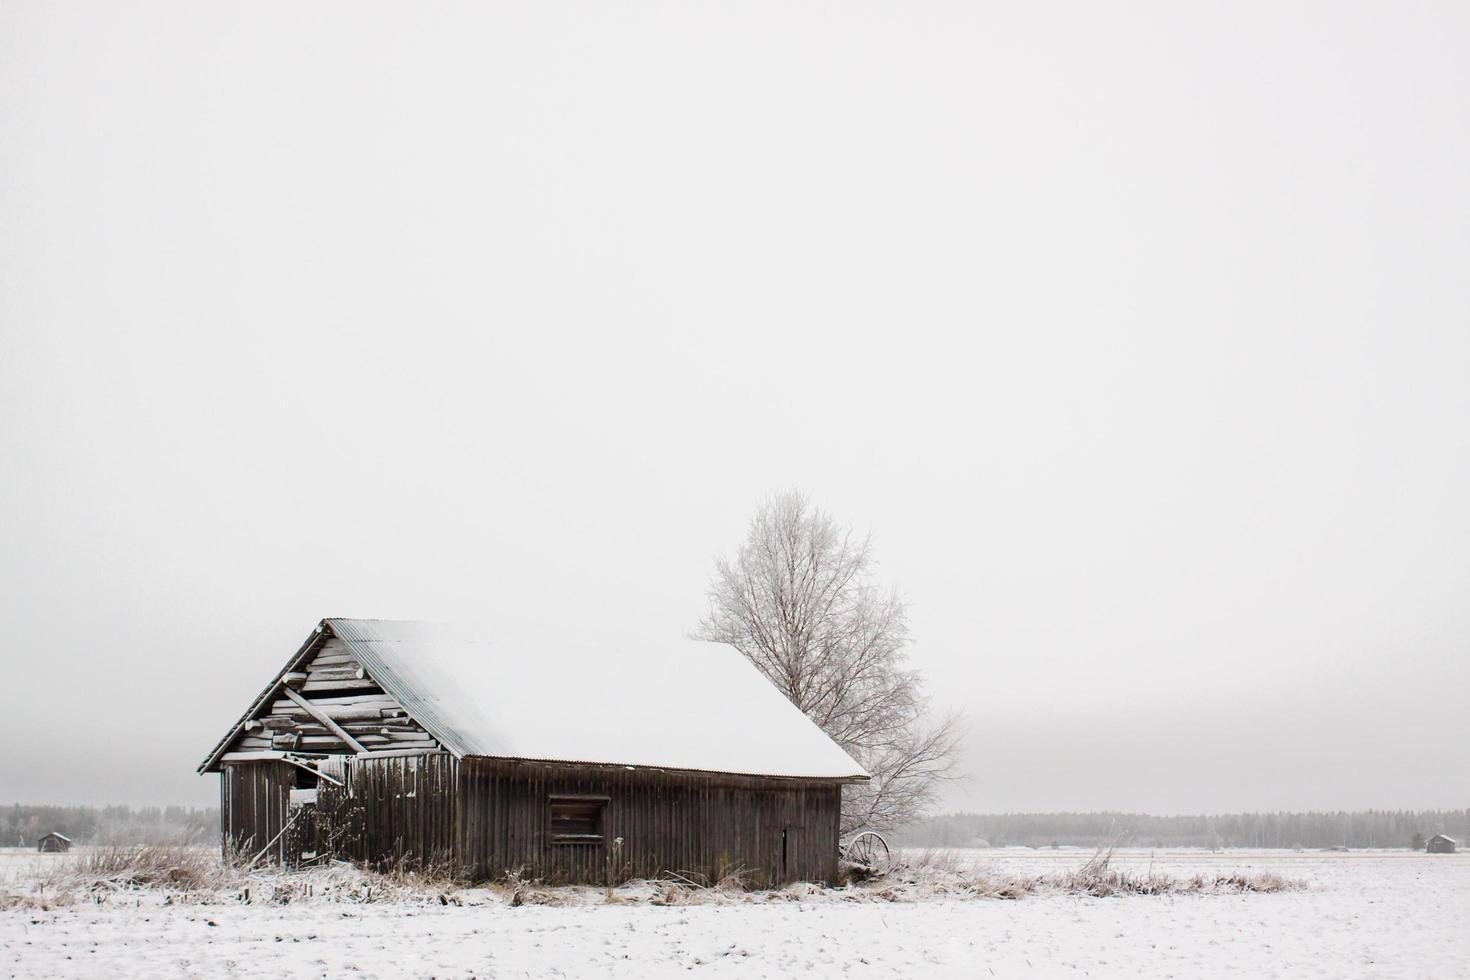 houten schuur op sneeuw bedekt veld foto